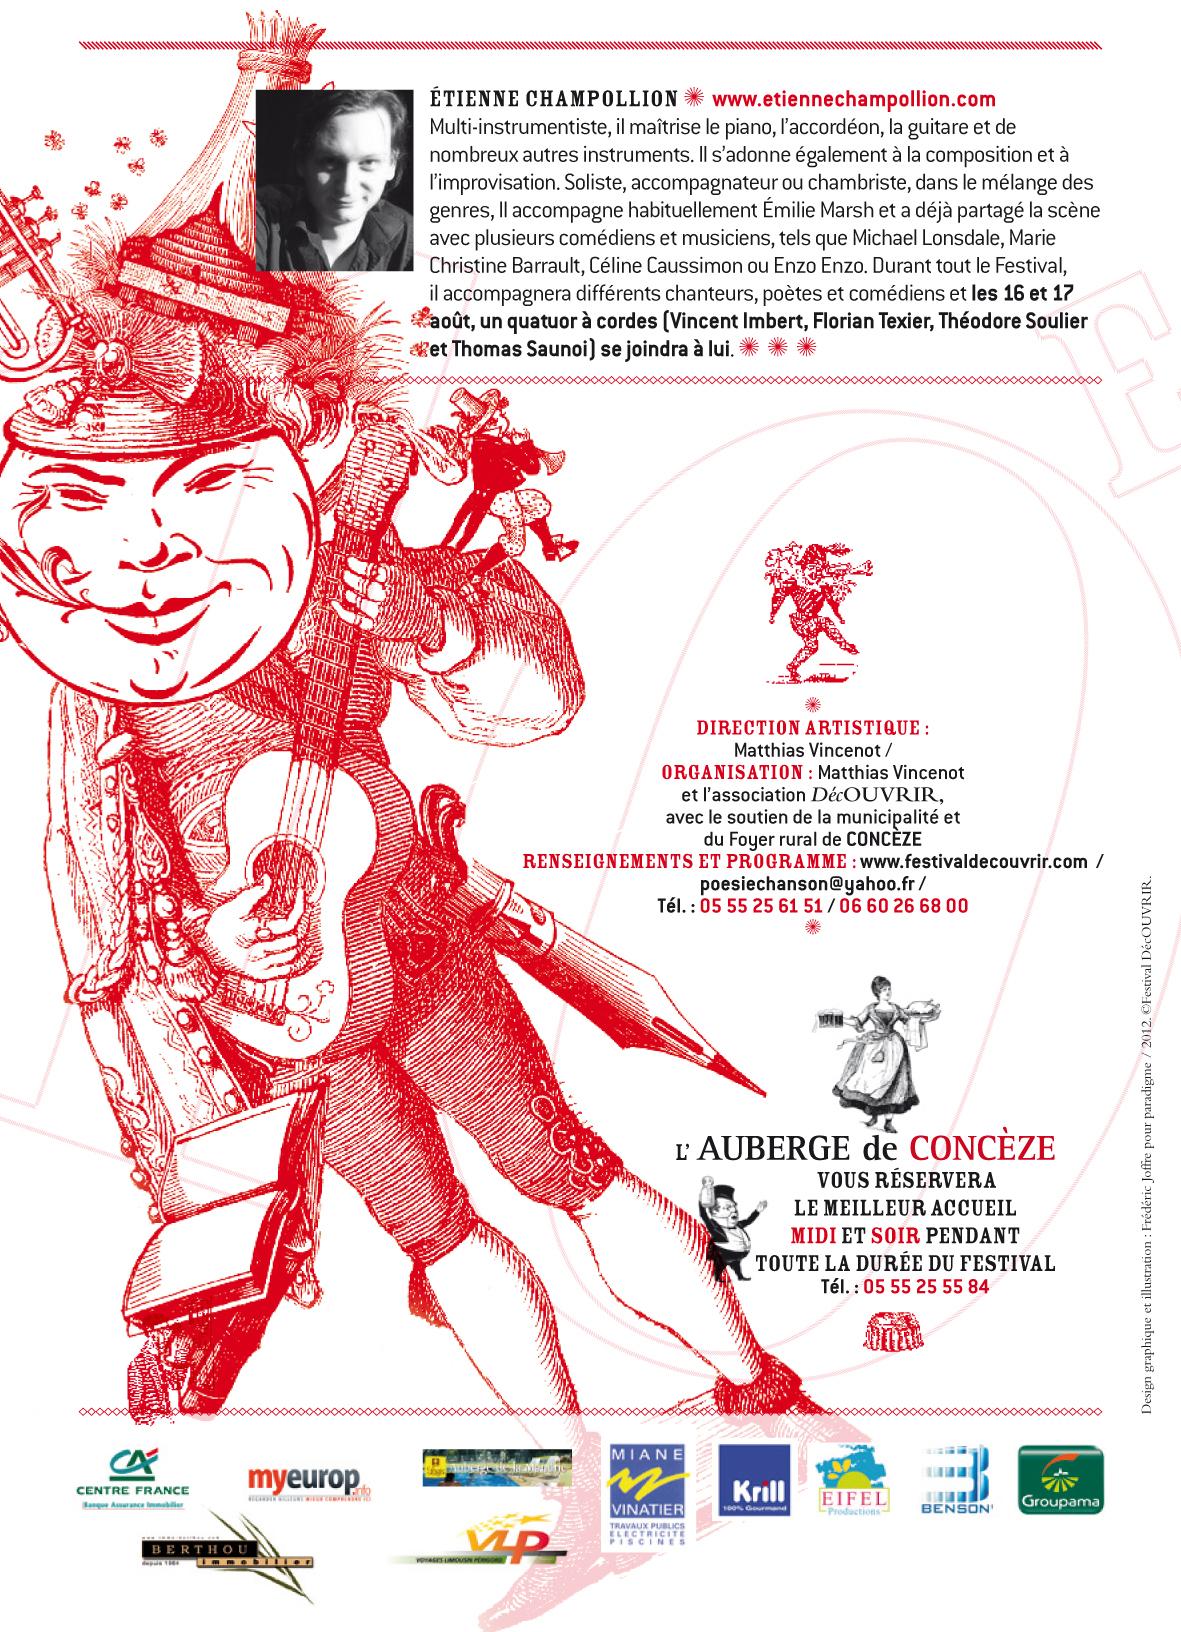 Progr. Conceze 2012-8